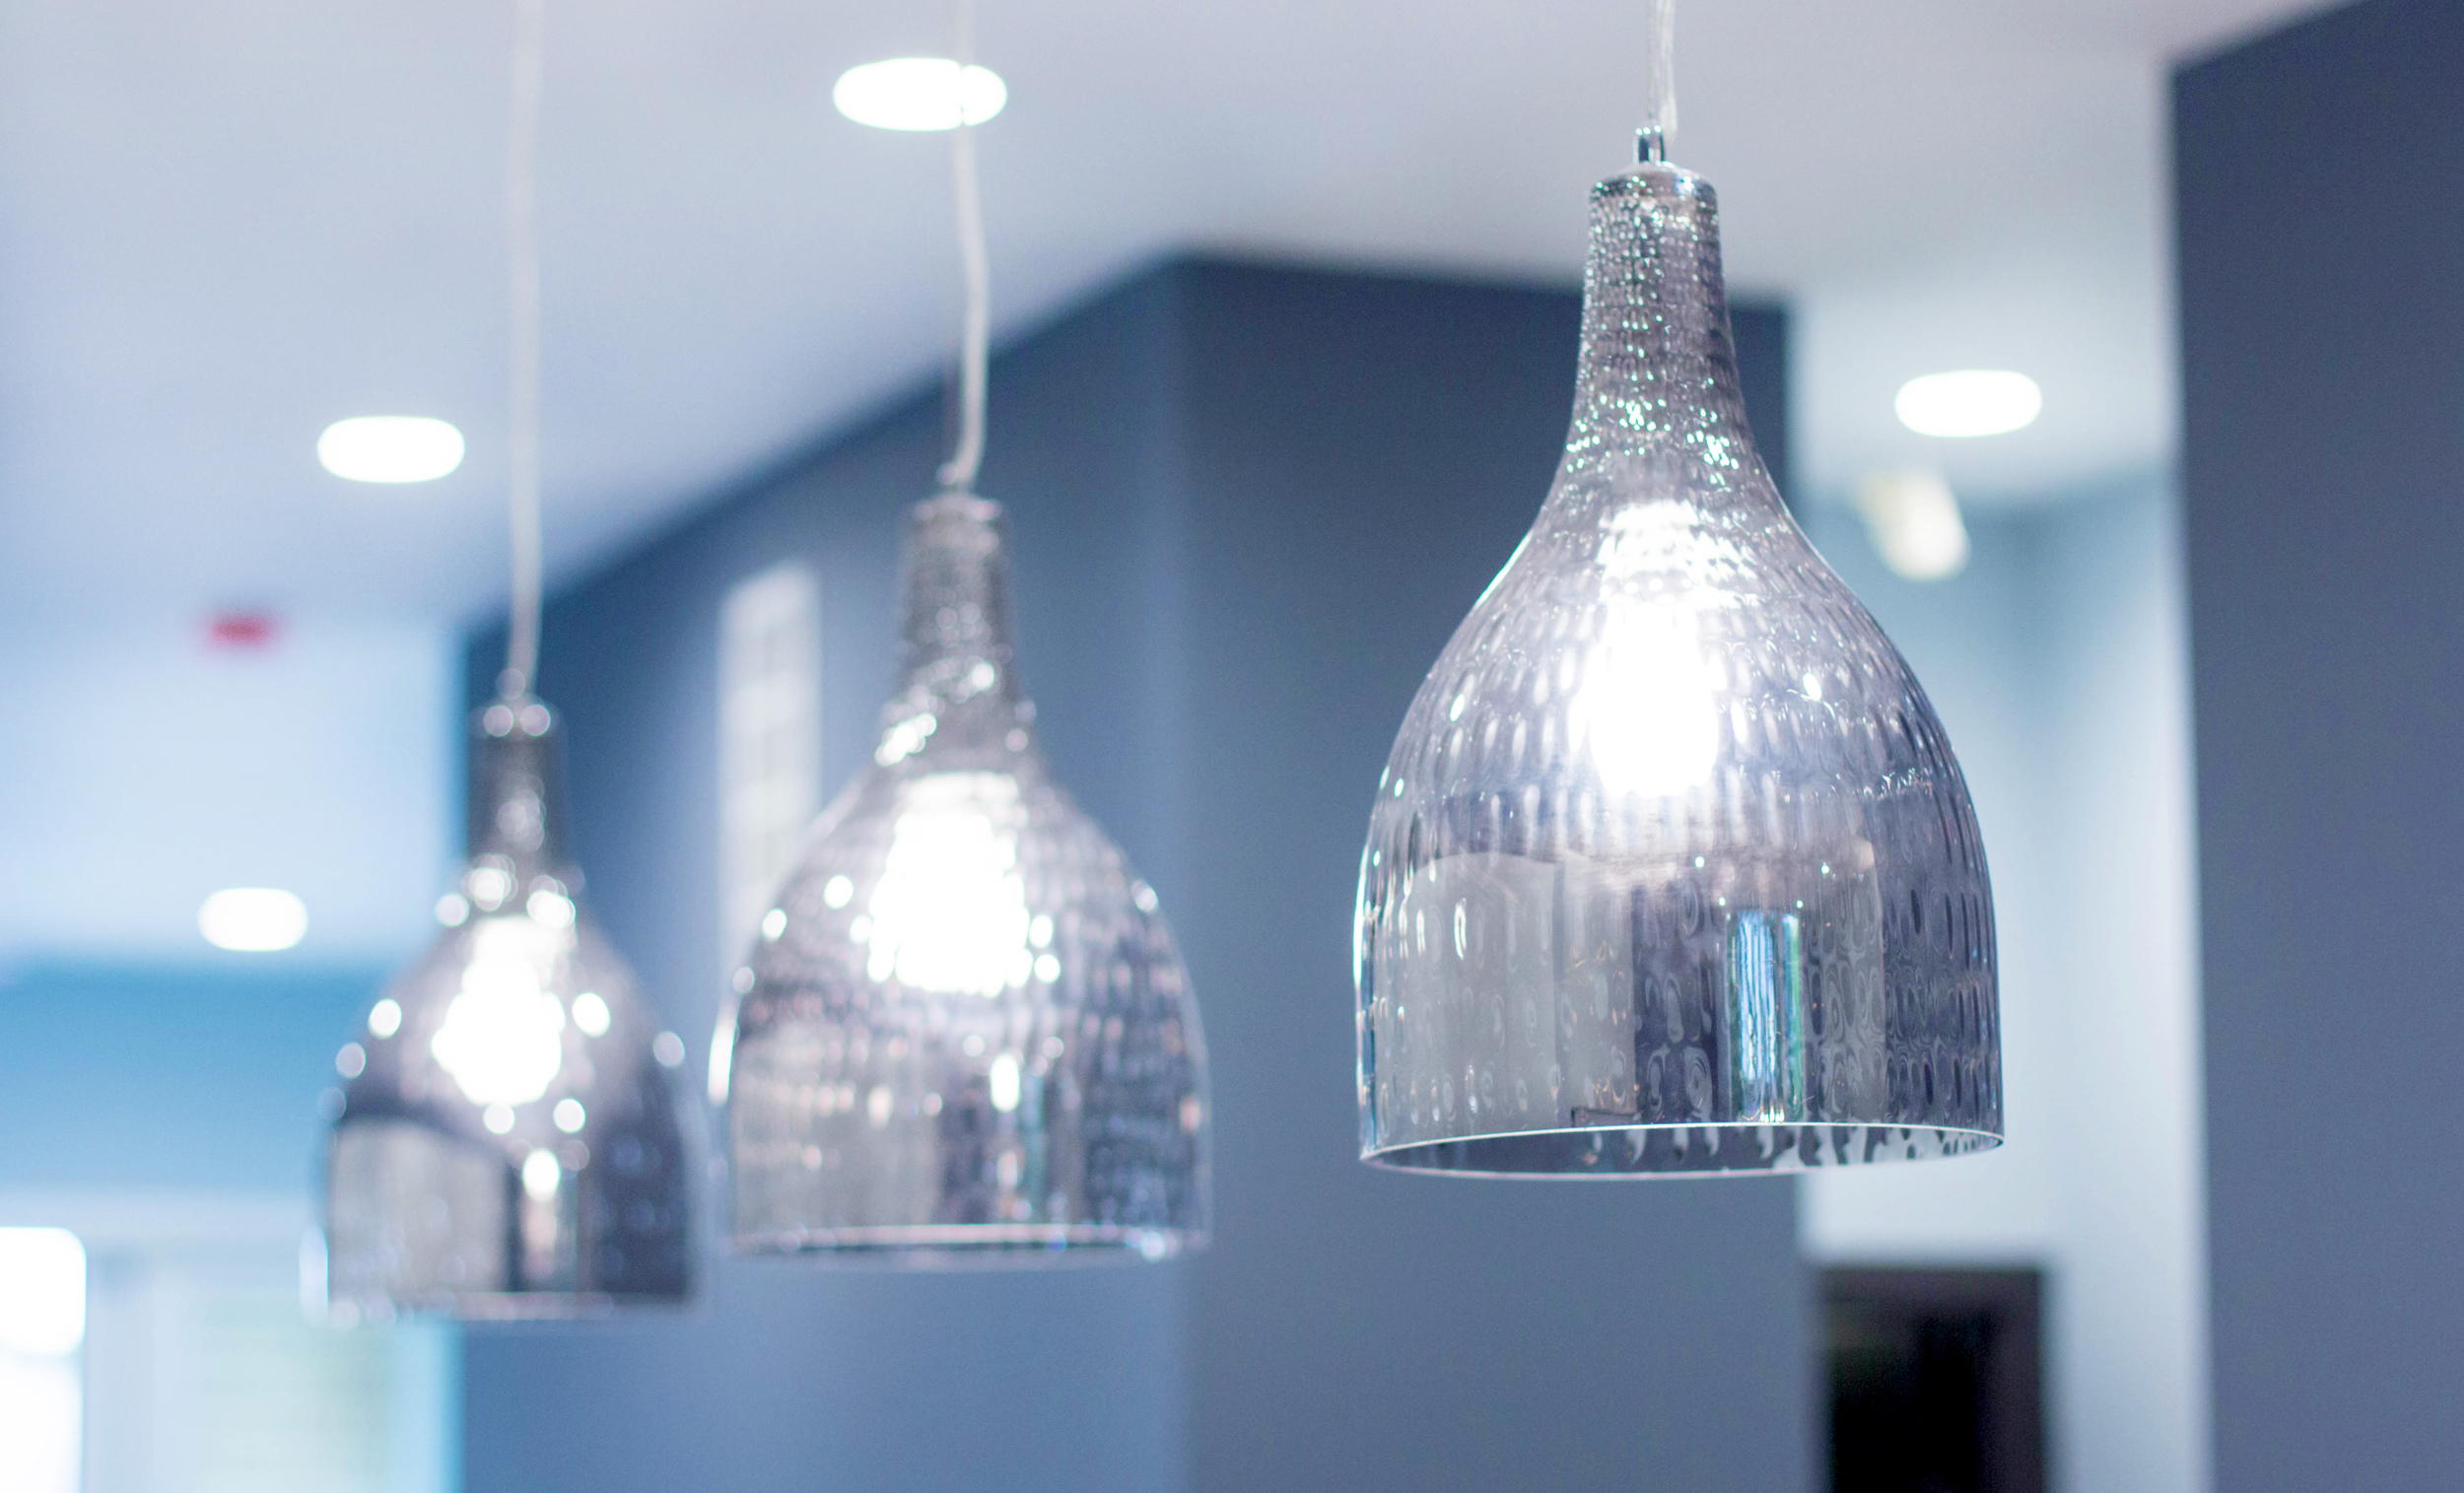 2440 West Ohio Chicago Interior Kitchen Lights Detail TARIS Real Estate